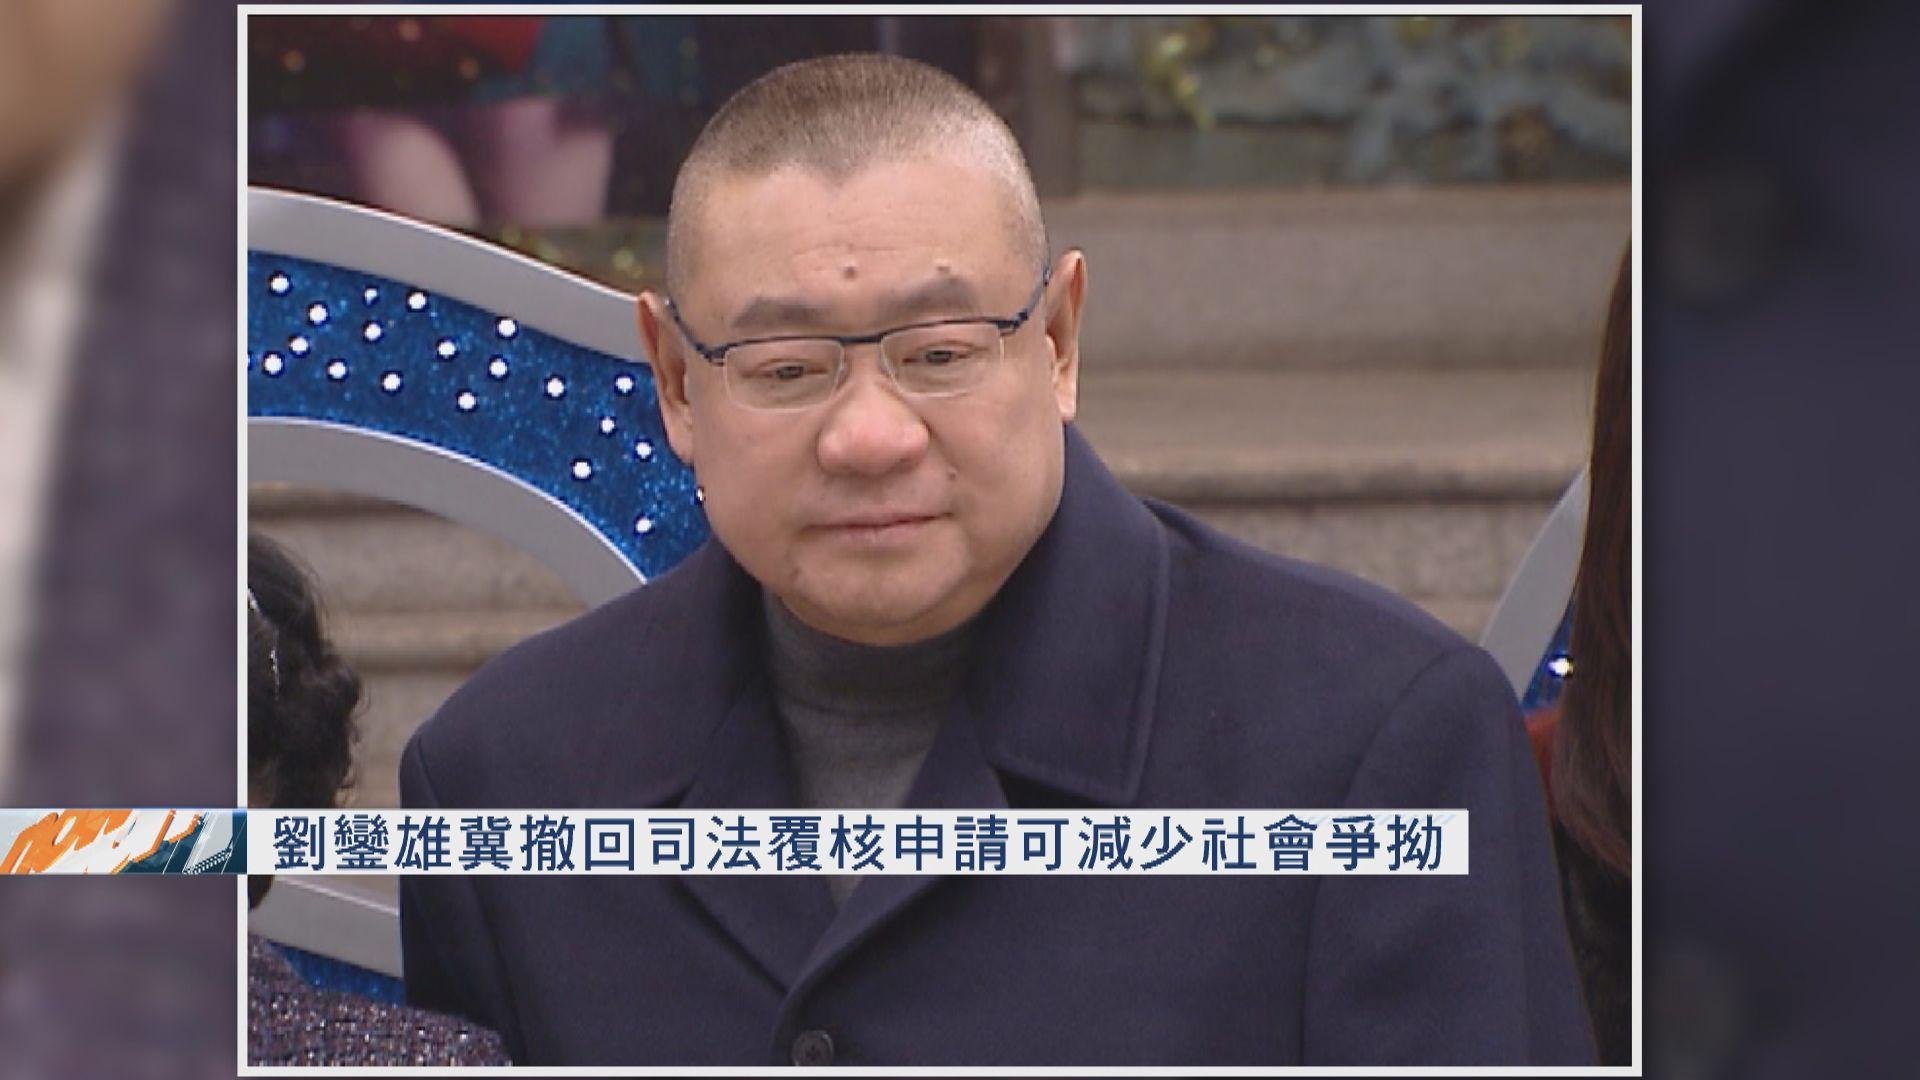 【撤回申請】劉鑾雄:當初提司法覆核非針對國家及港府